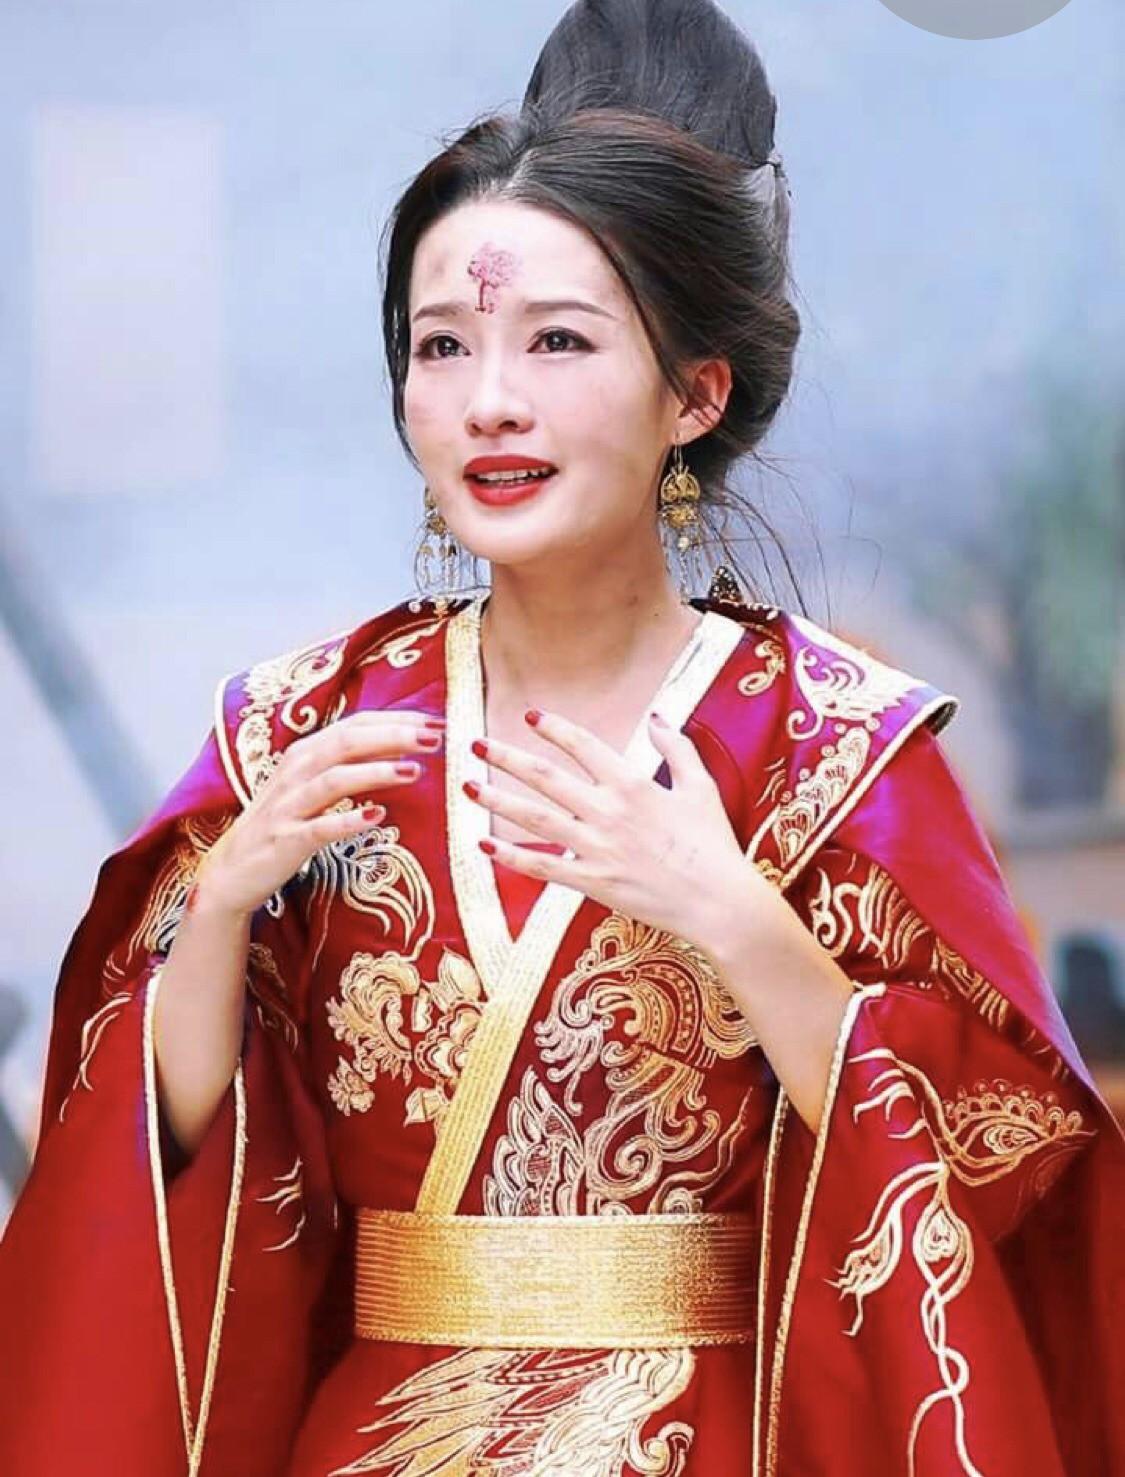 Những chiêu tàn độc mà vợ cả trong xã hội phong kiến Trung Hoa dùng để trừng trị tiểu thiếp của chồng - Ảnh 1.